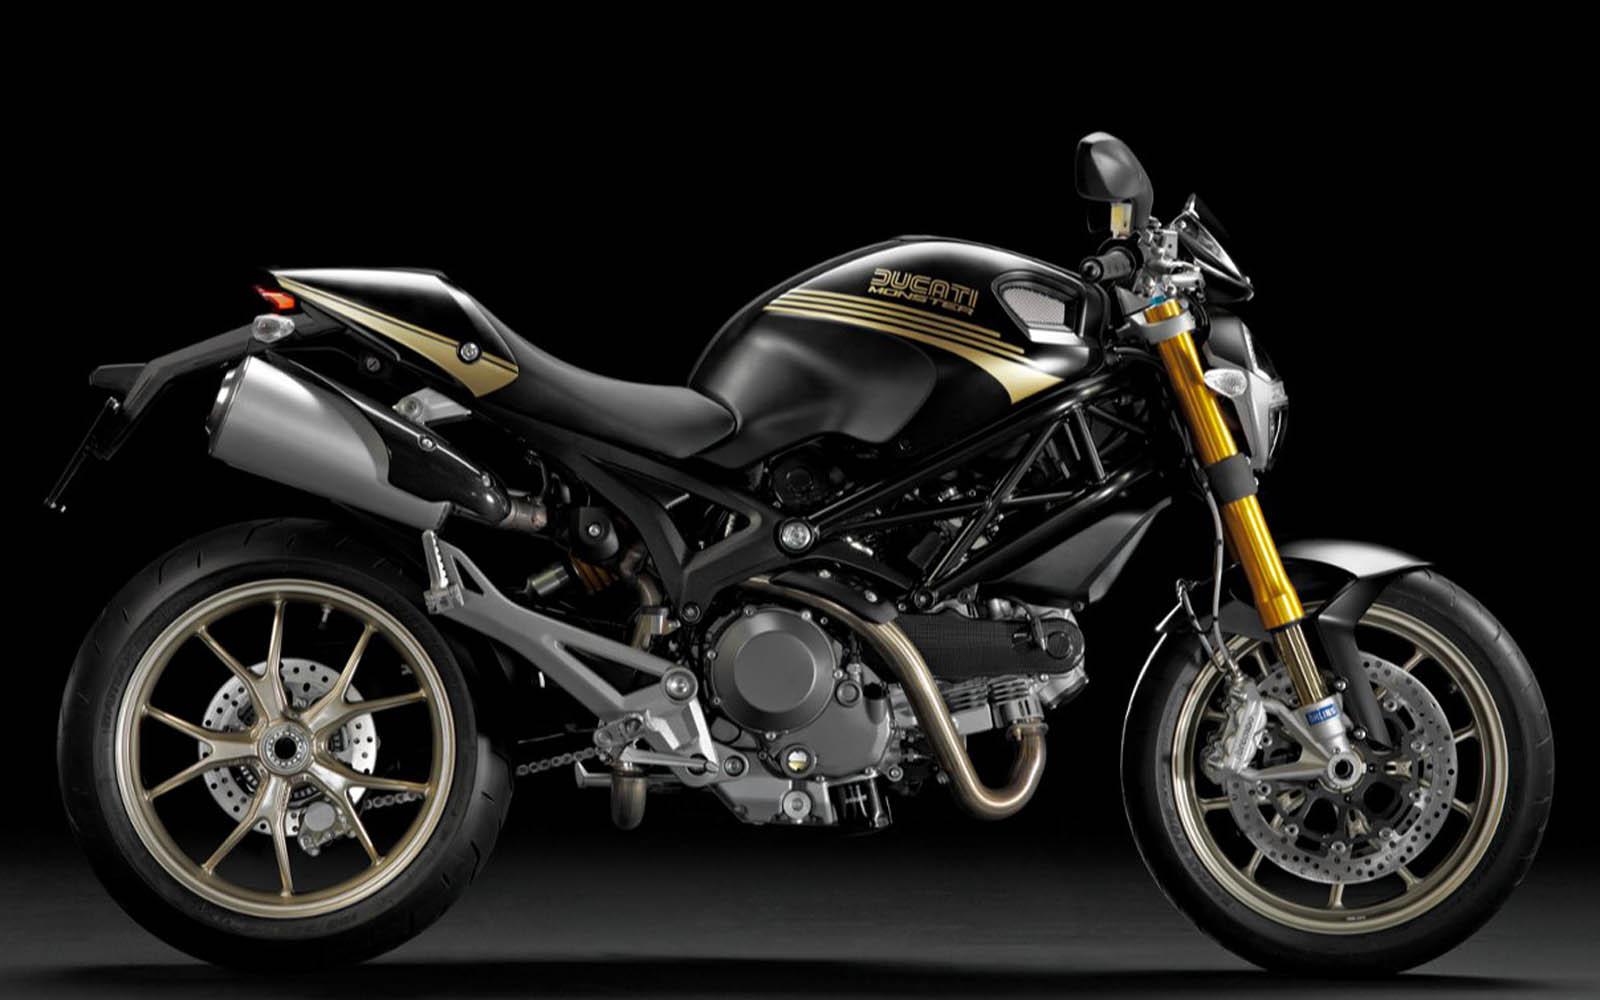 Ducati Motorcycle Ducati Wallpaper PicsWallpapercom 1600x1000